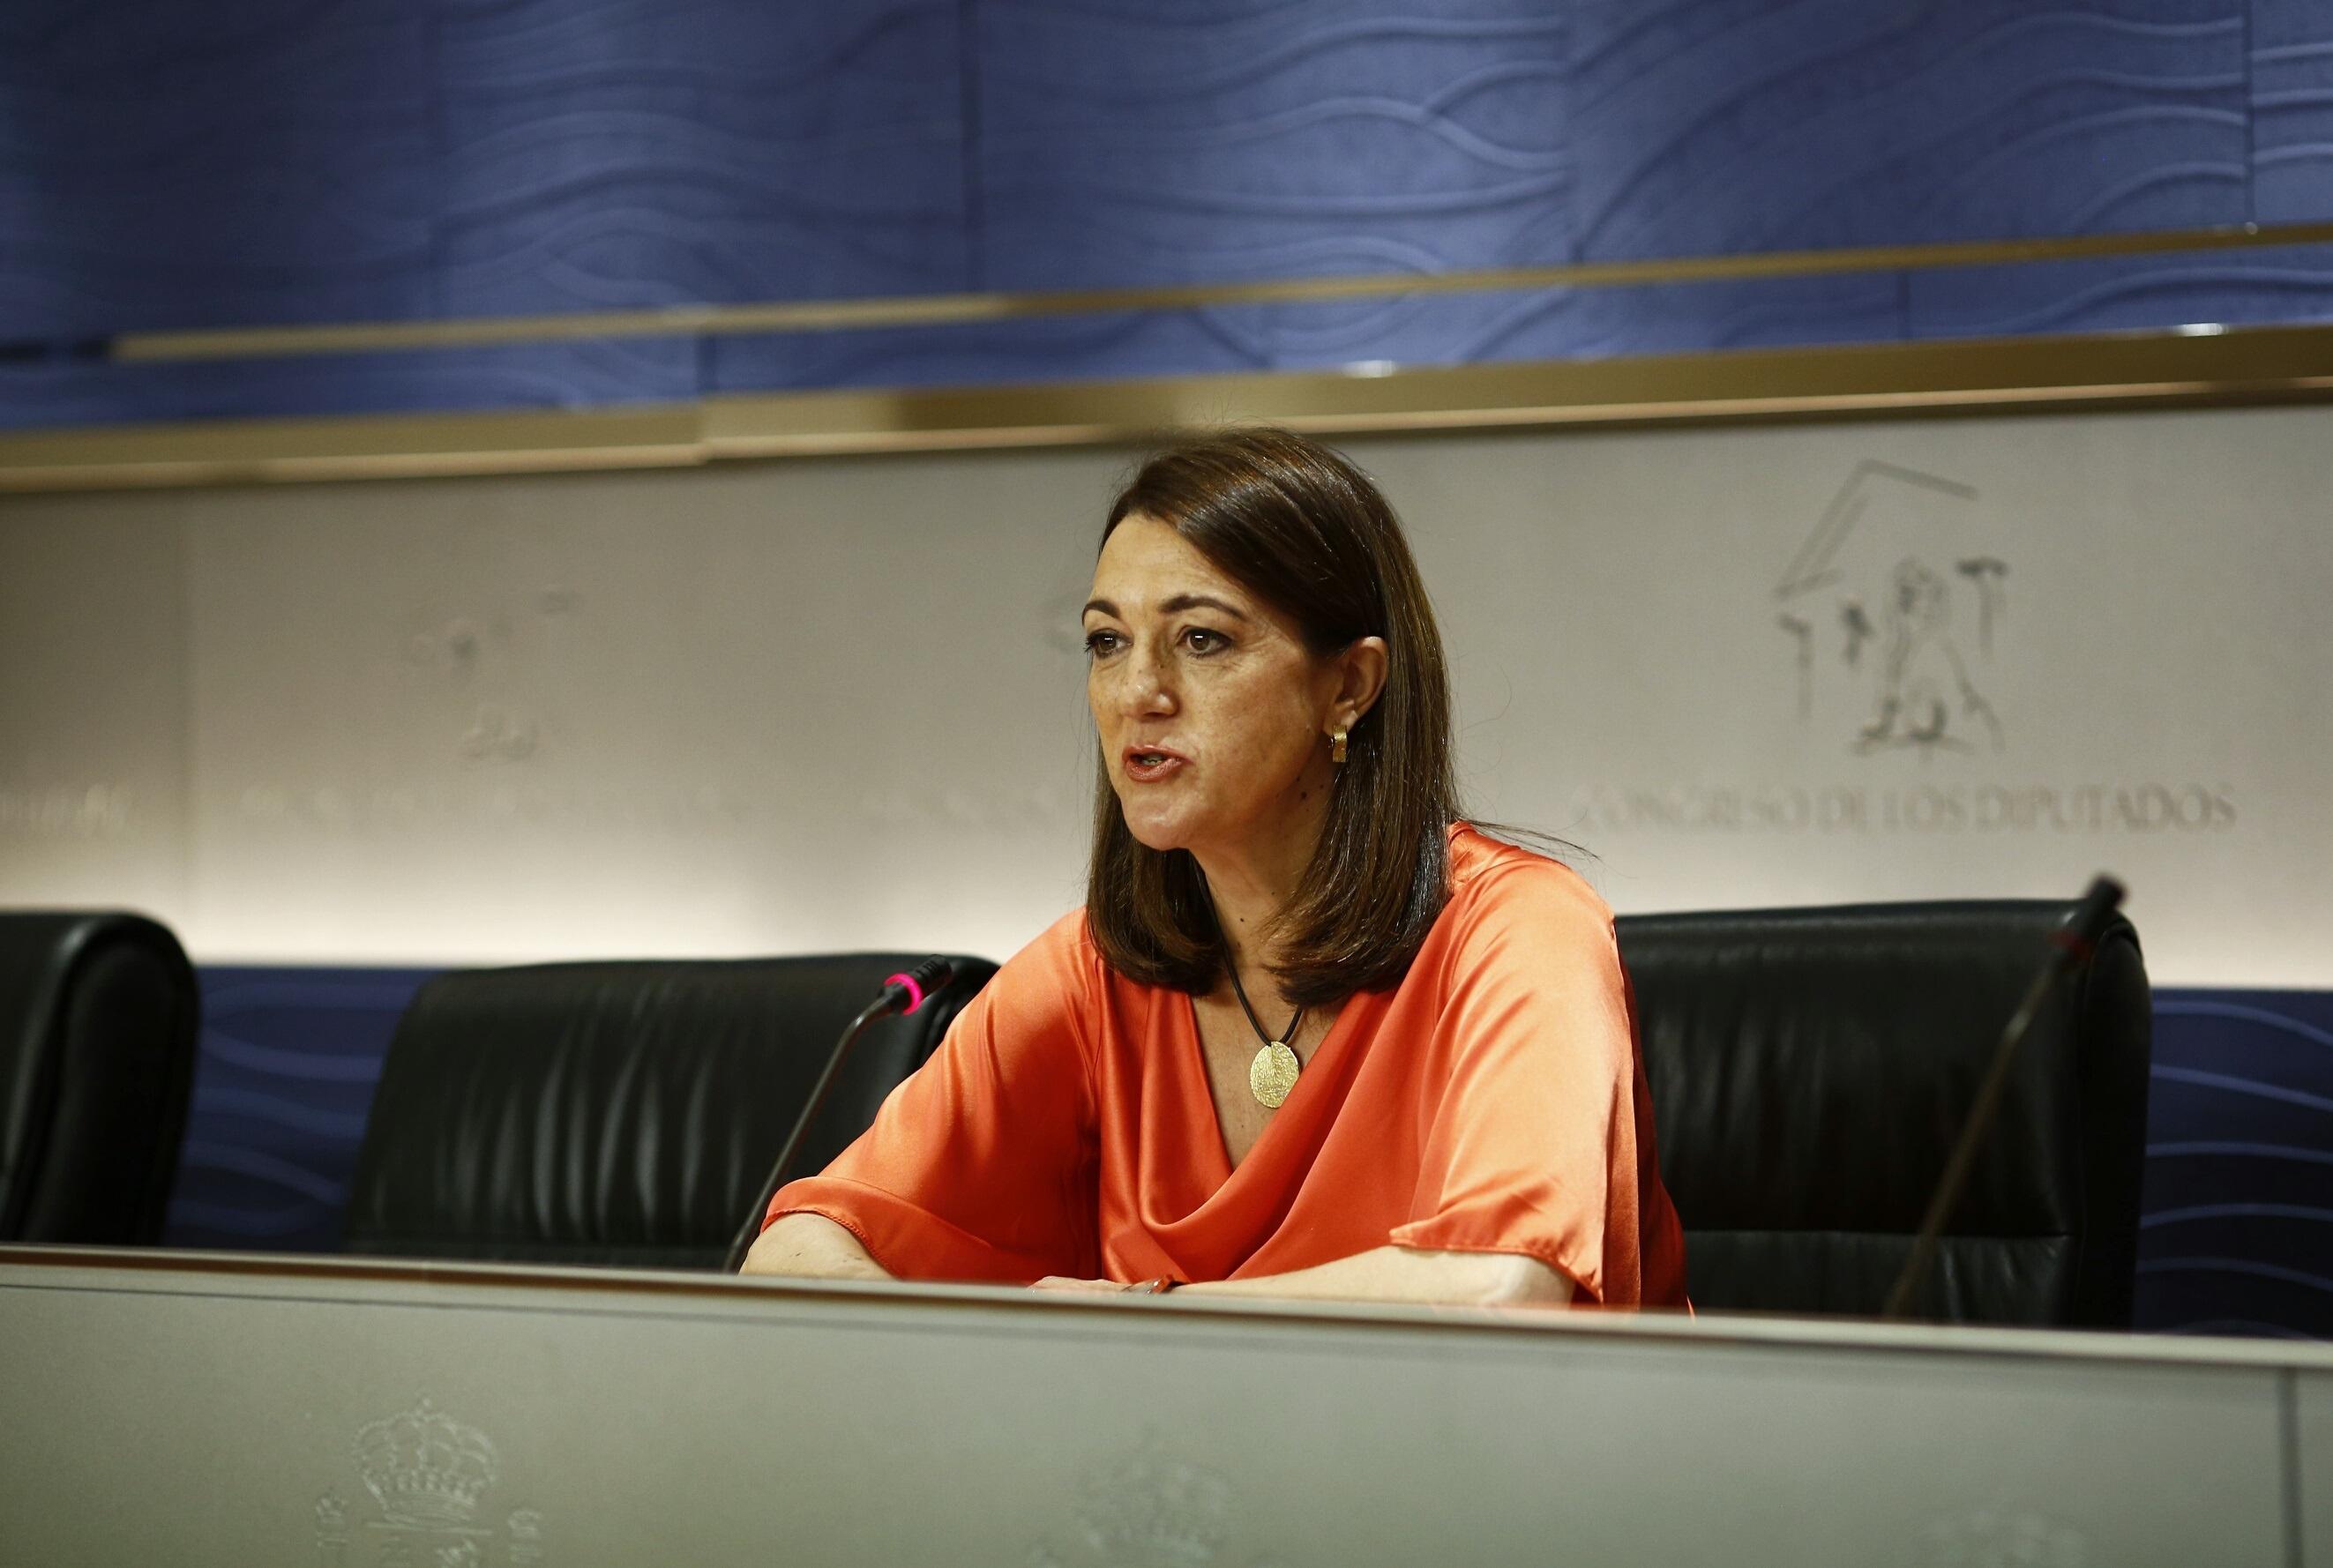 El PSOE lamenta la «imputación mediática» lanzada por la jueza Alaya y reitera su confianza en Griñán y Chaves